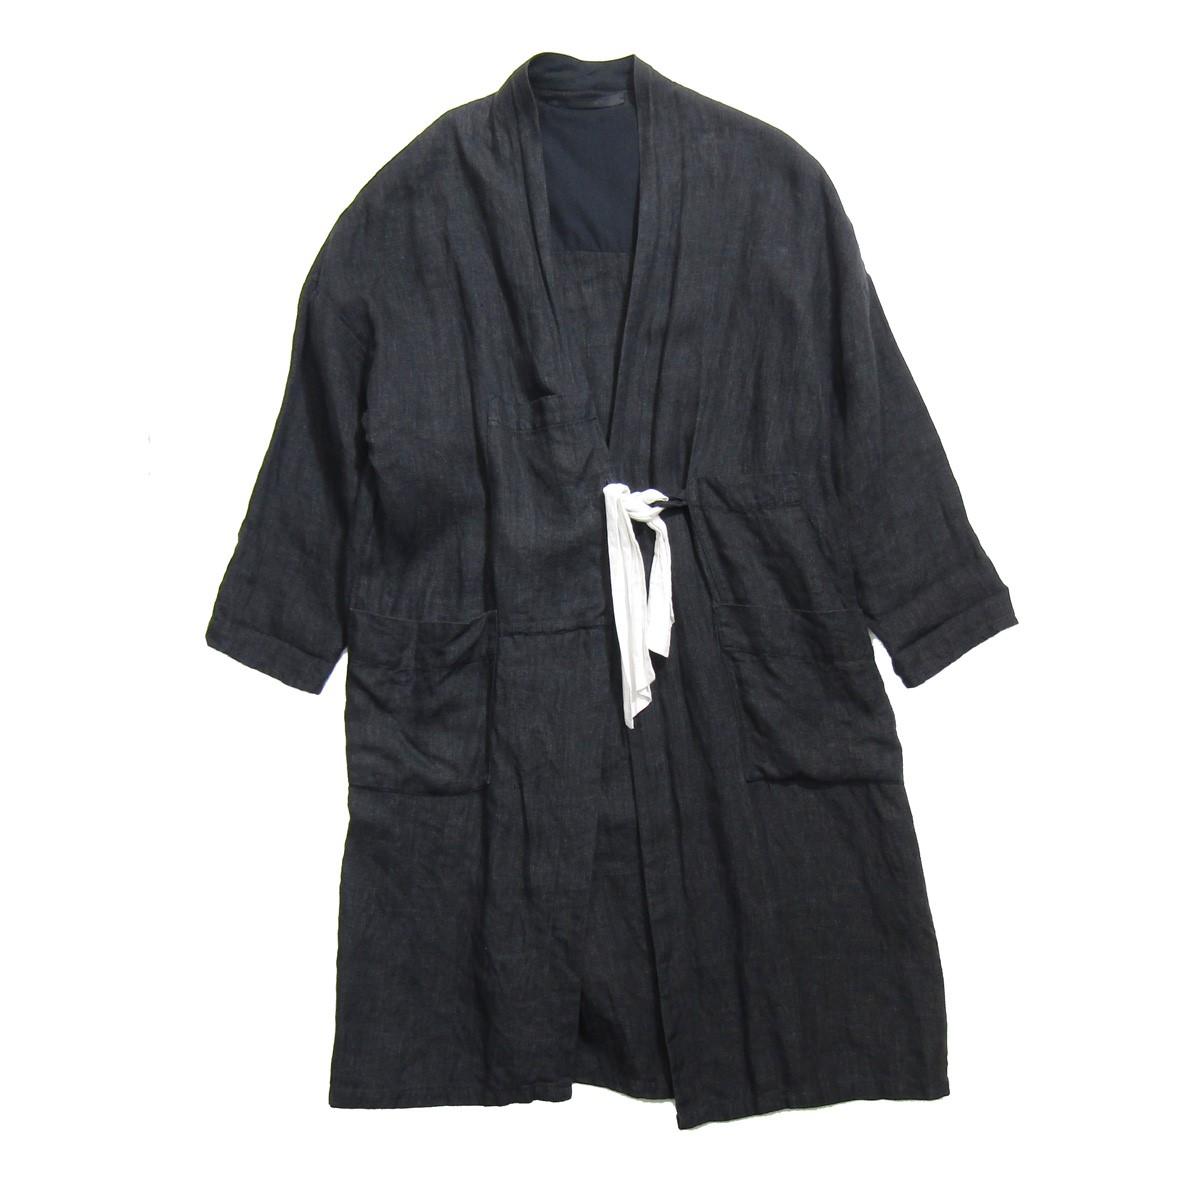 【中古】ELSA ESTURGIE ROSIE COAT/リネンコート ブラック サイズ:36 【070420】(エルサエストゥージー)